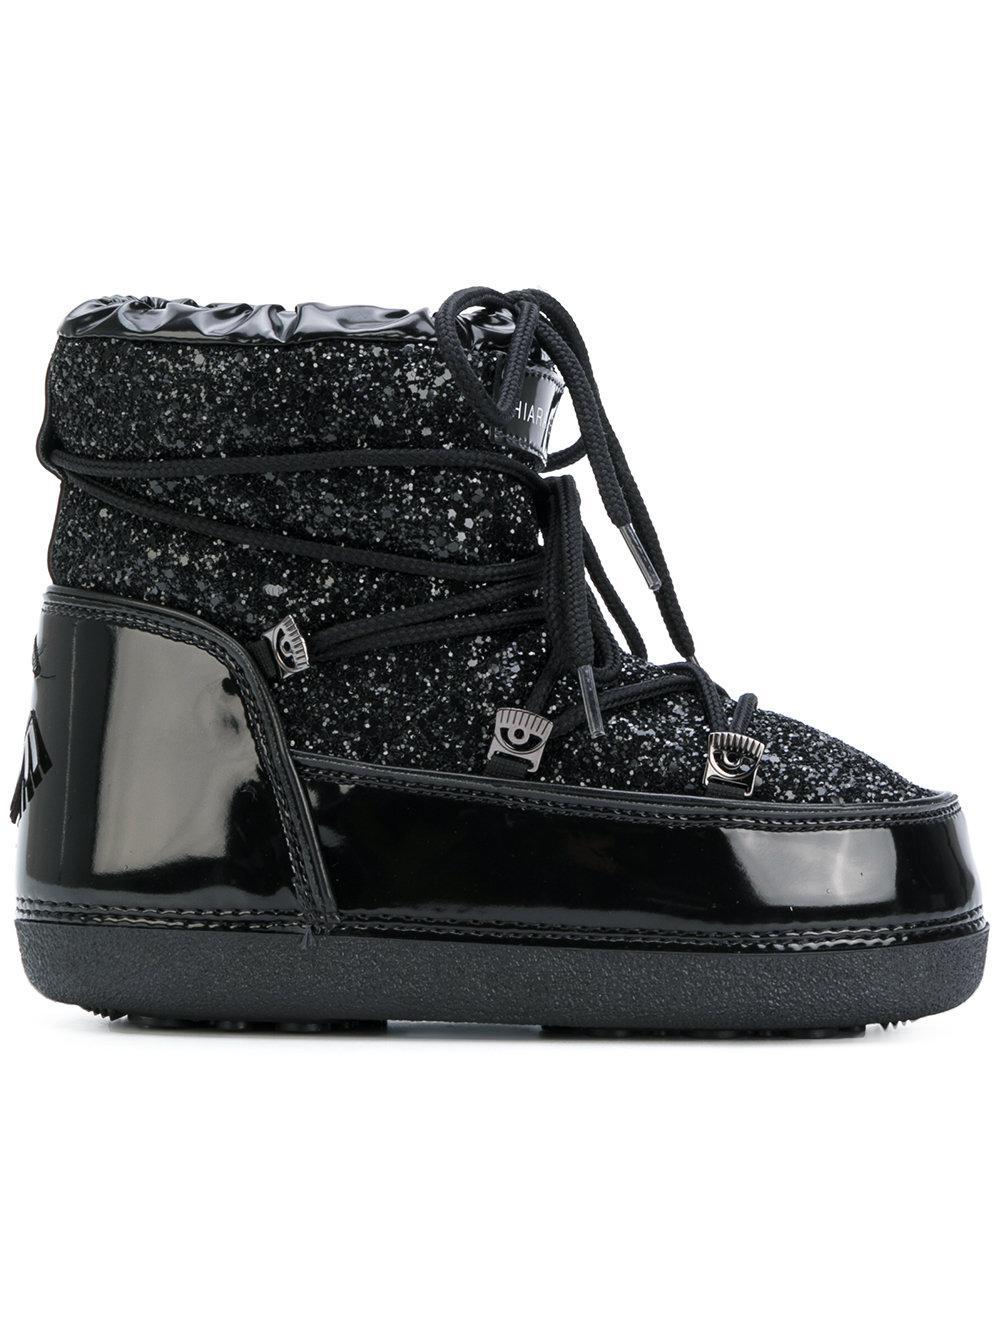 Chiara Ferragni Mirror snow boots WgtML47NM7